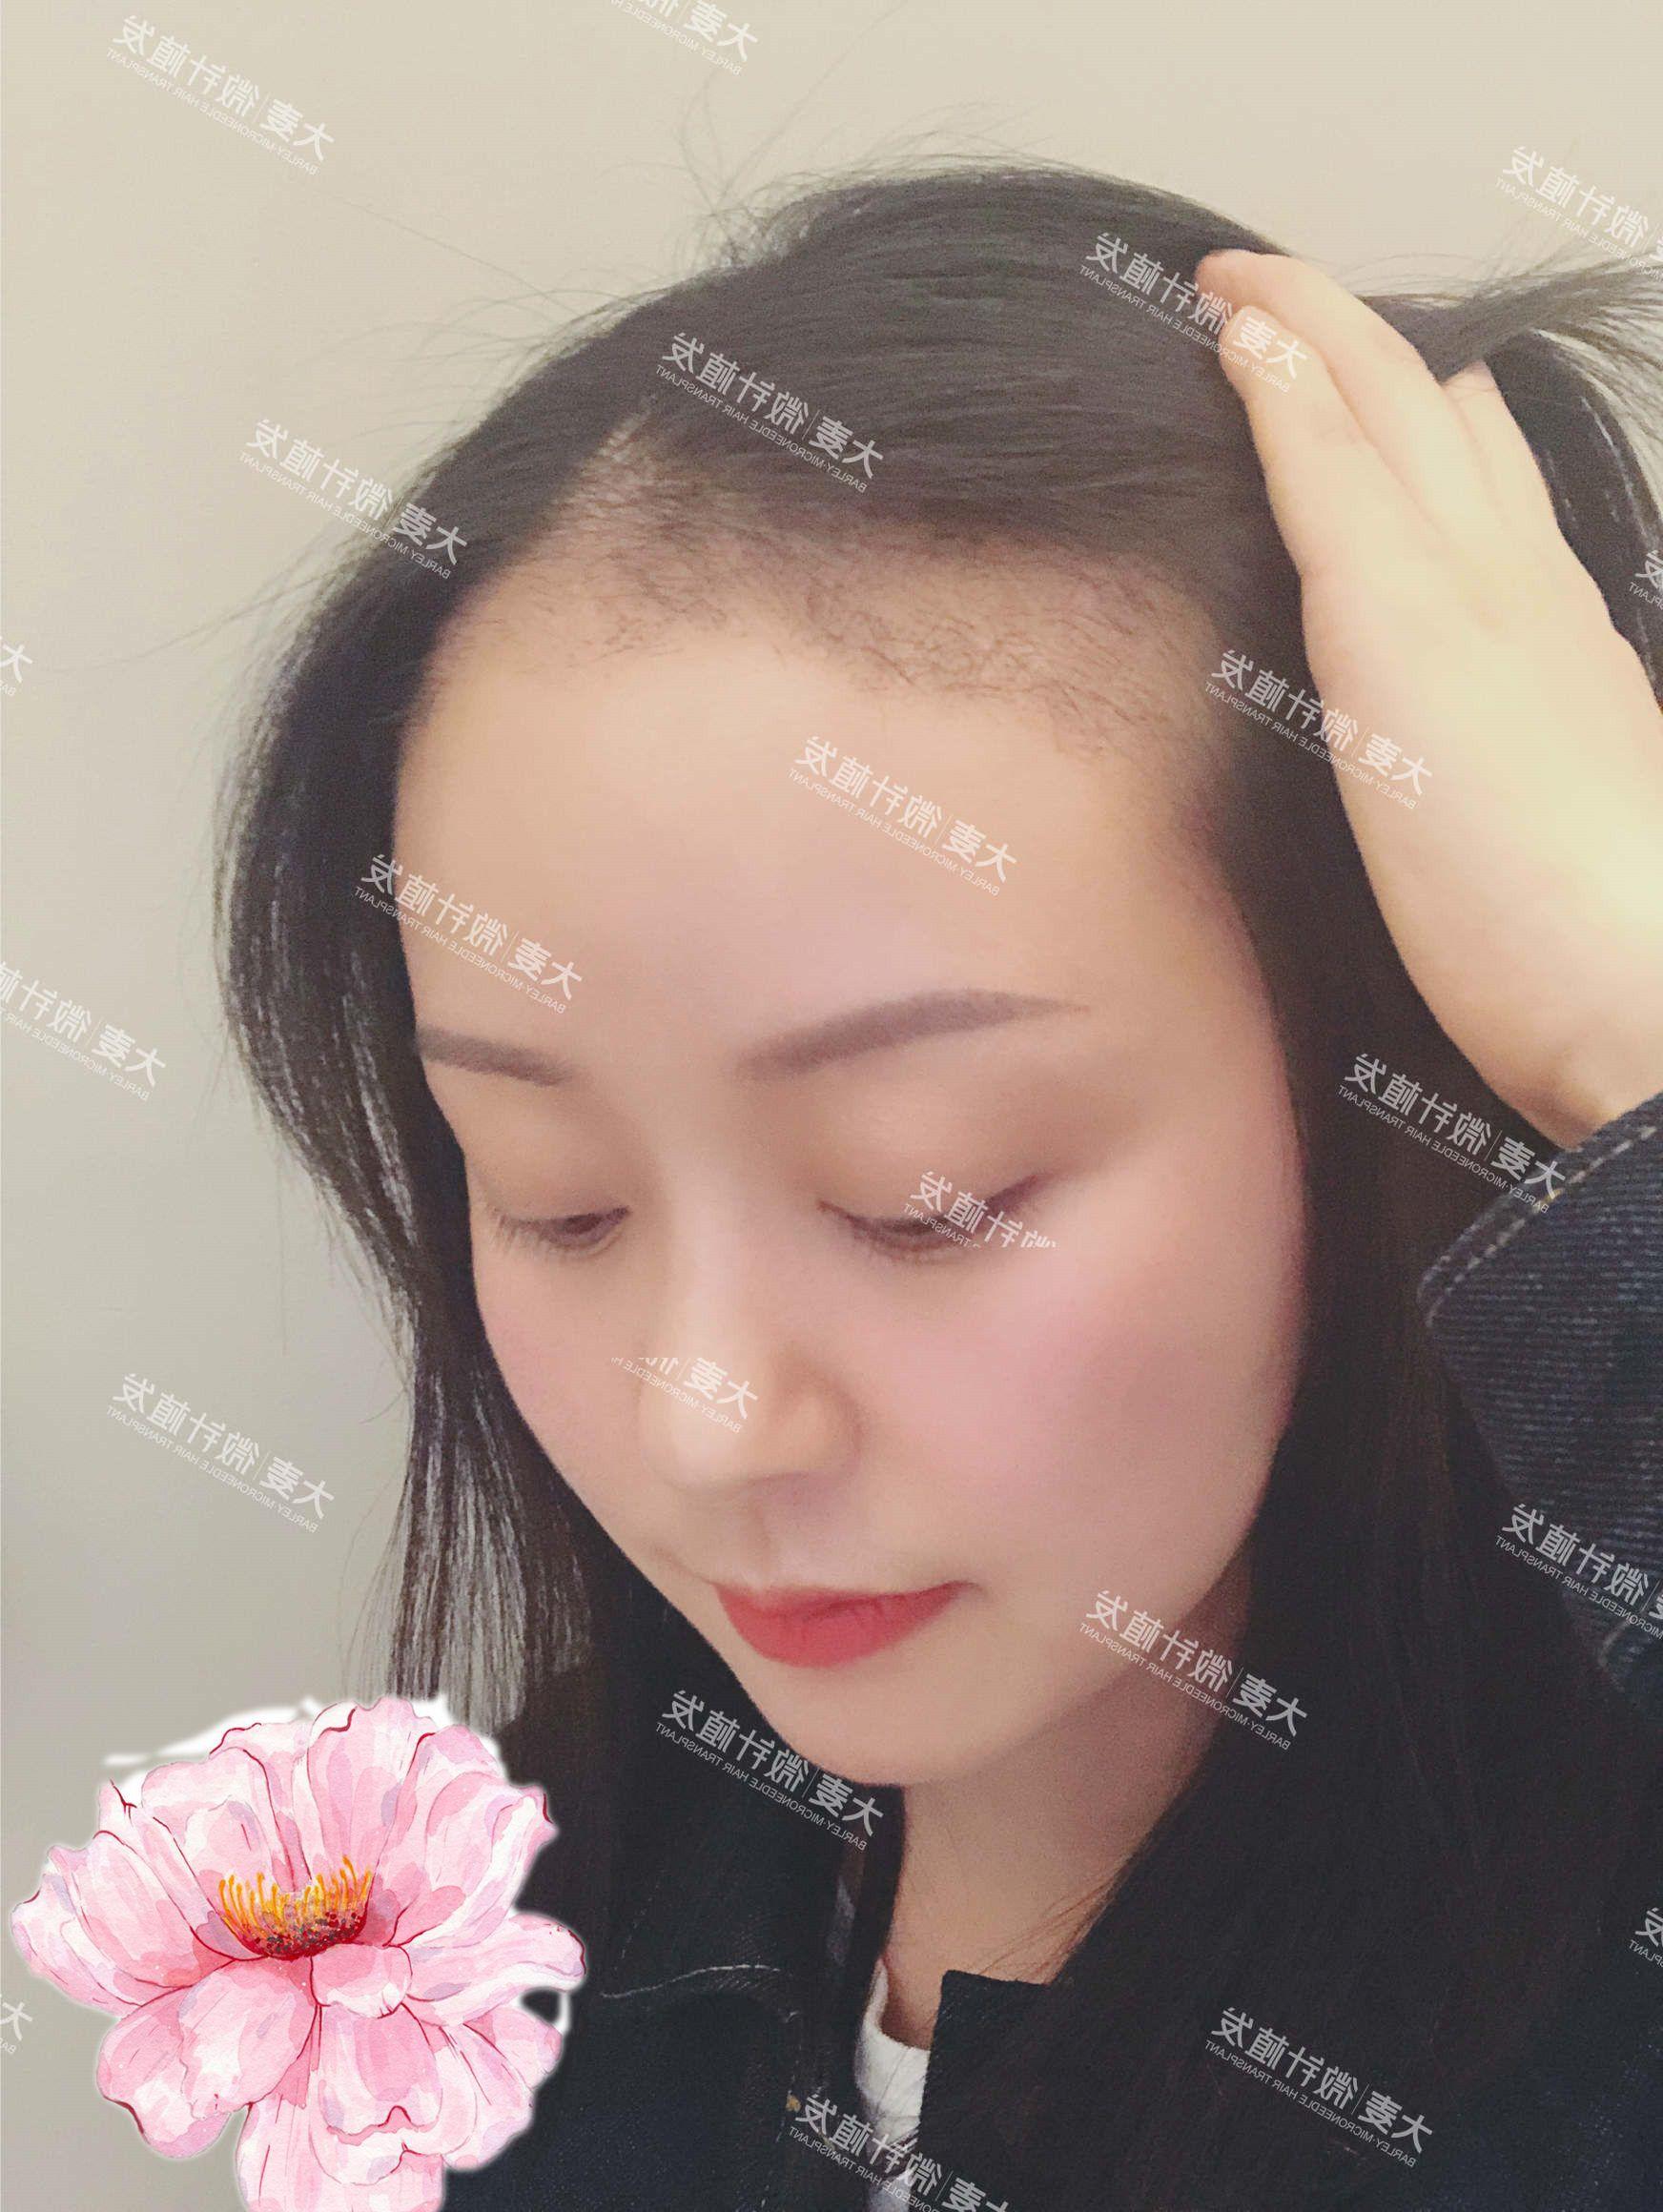 植发手术已经过去1个月啦,现在是不是不一样了?其实女生植发也是有脱落期的,这是头发正常的生长周期,现在我的头发该起来的话看不出来了,但是如果把头发撩起来就可以看出来植上去的发际线在脱落期,已经有一部分的头发掉了,现在看着比较稀疏。 这段时间也是需要休养生息的时间,给毛囊充足的时间生长,等小发茬长出来大概需要2个月左右。 我个人其实不在意的,因为这不是我一个人的状况,植发都是这样的,都有这样的一段过渡期。医生会时刻注意我的情况,仍然提醒我注意饮食注意左心,只有这样才能让头发有一个更好的生长环境。